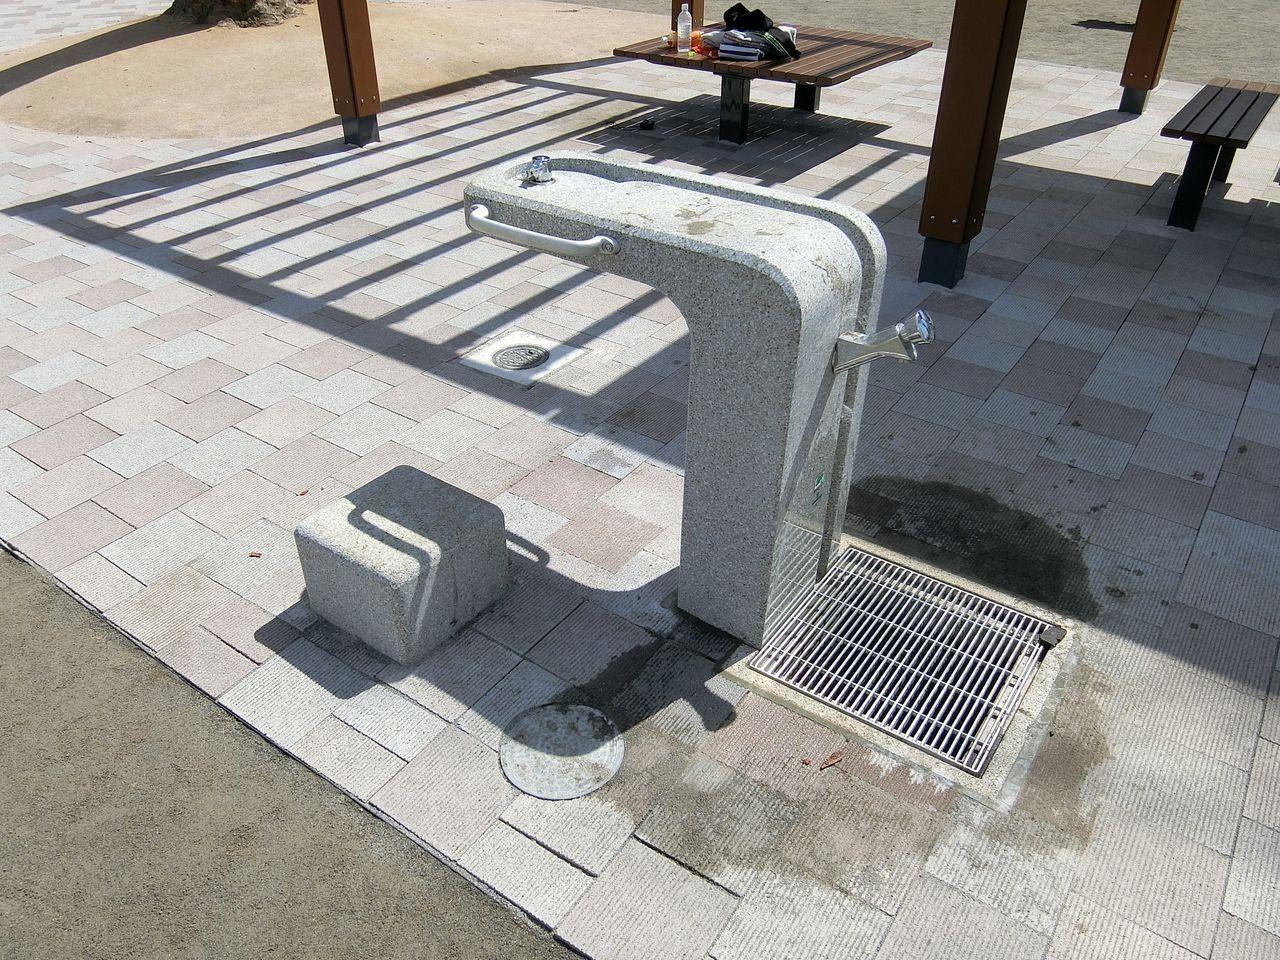 ユニバーサルデザインの水飲み場